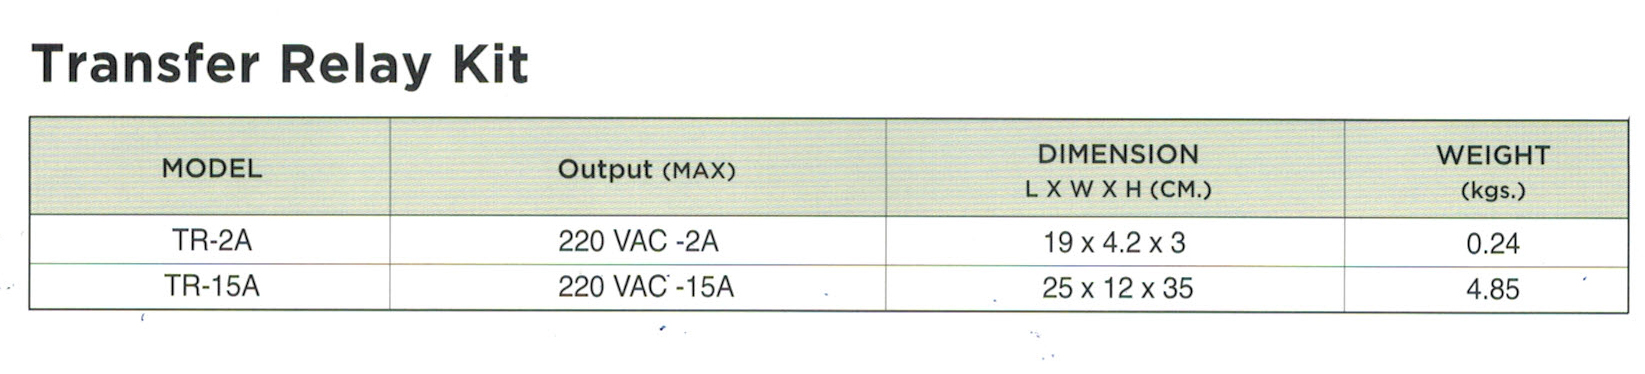 ทรานเฟอร์ รีเลย์ TR-2A,TR-15A (Transfer Relay Max Bright )